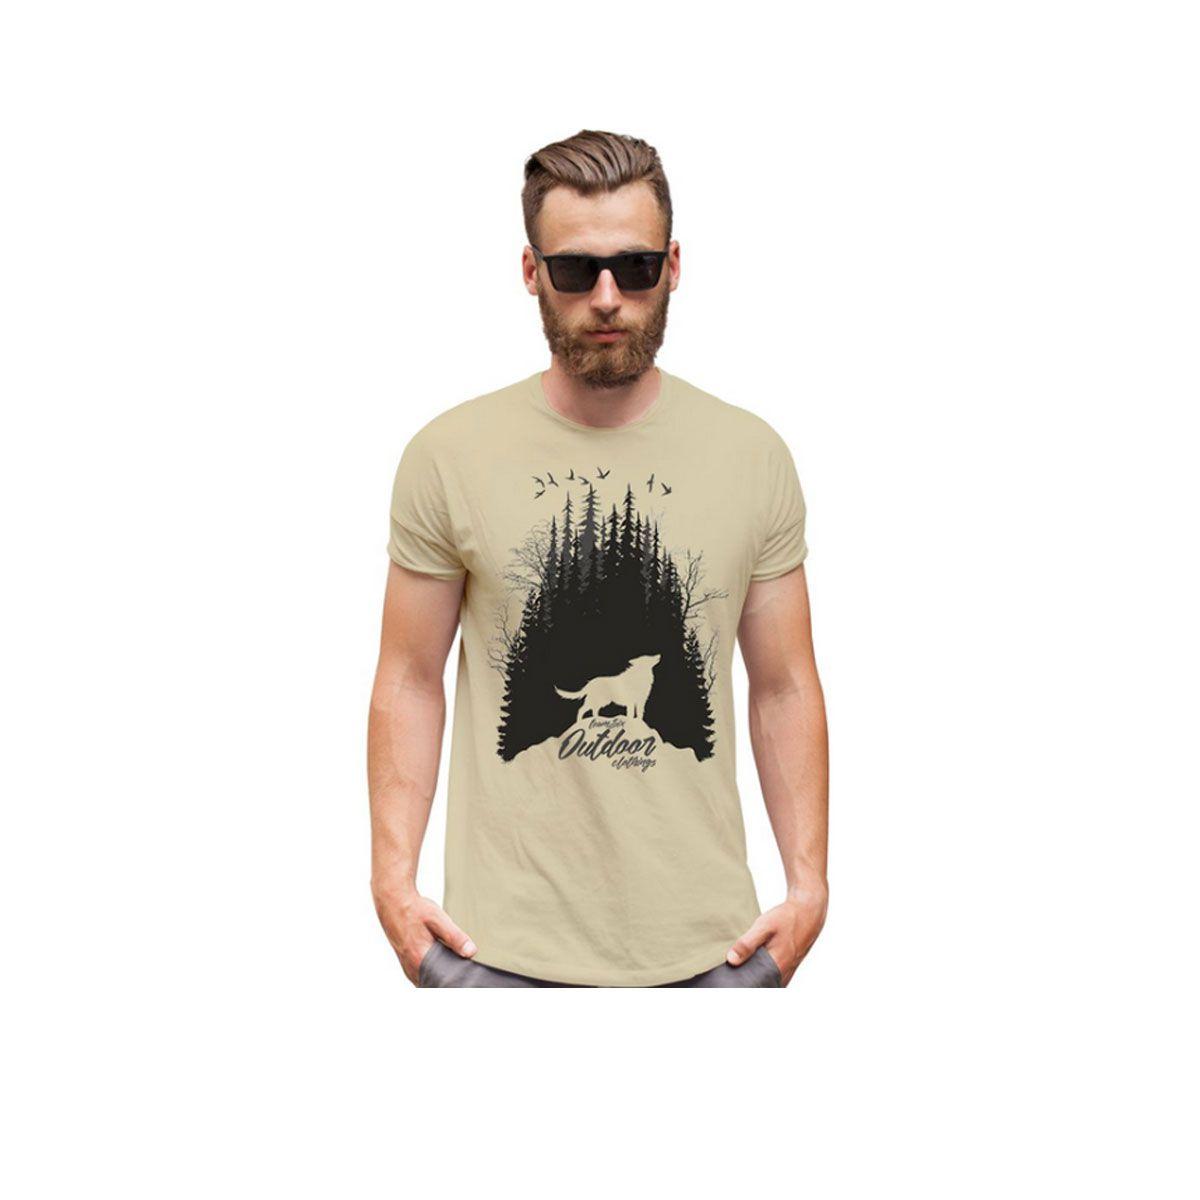 Camiseta Team Six Outdoor Wolf Team Six Zombie